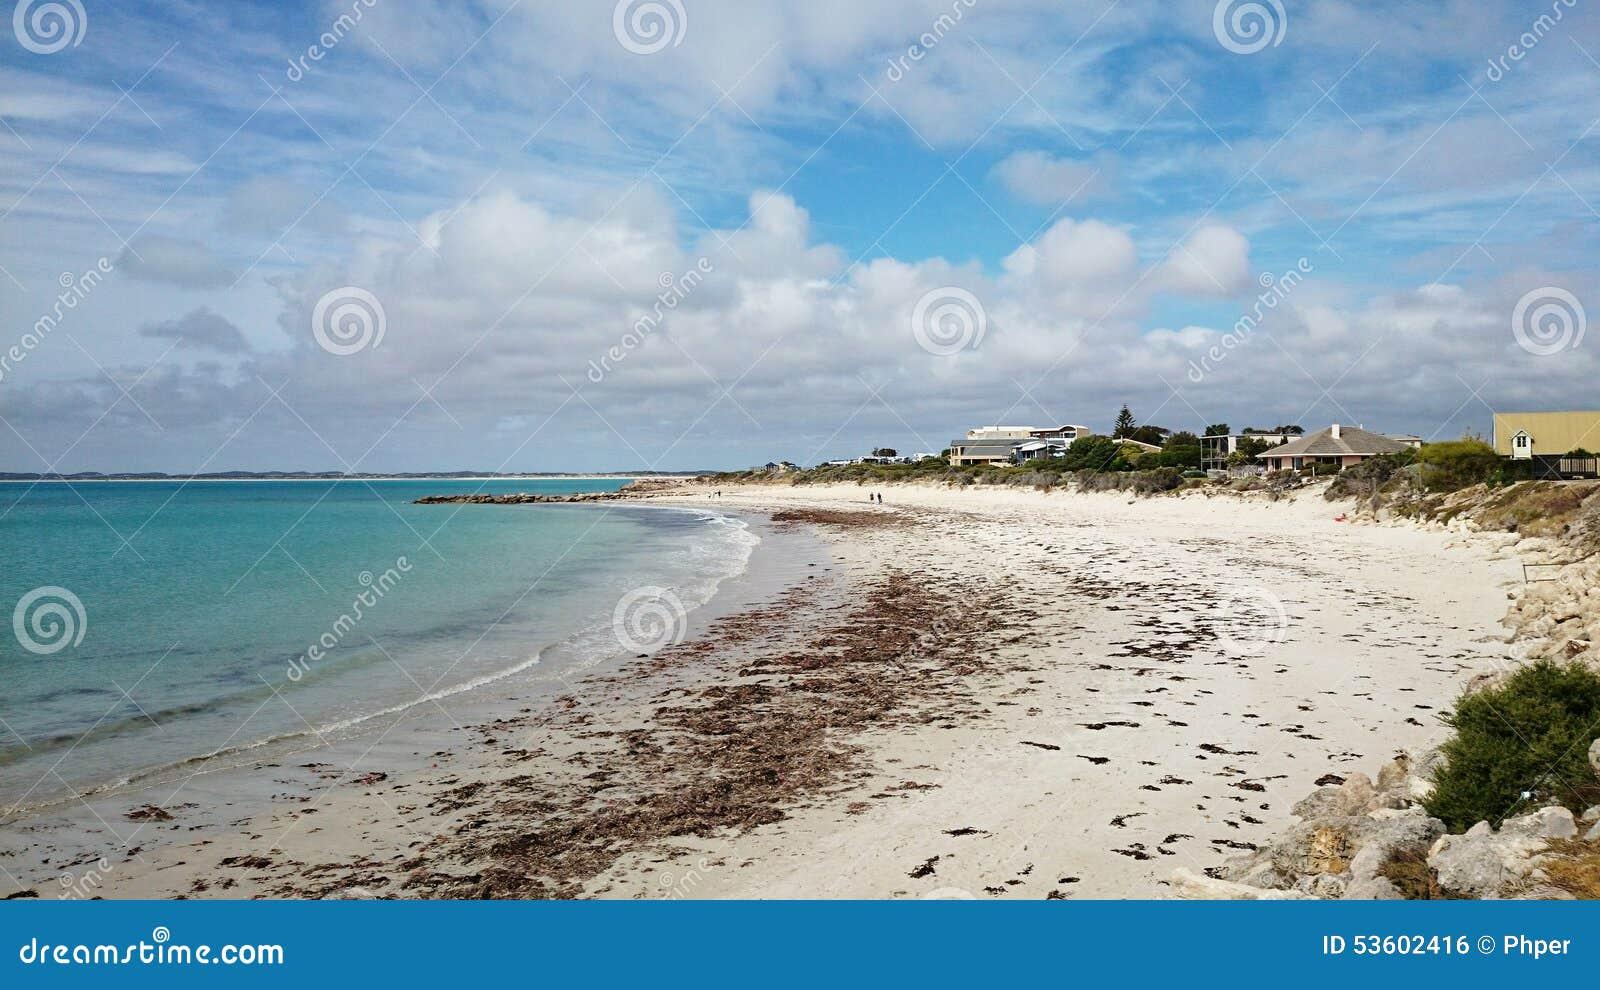 Beautiful ocean views beaches theme, will